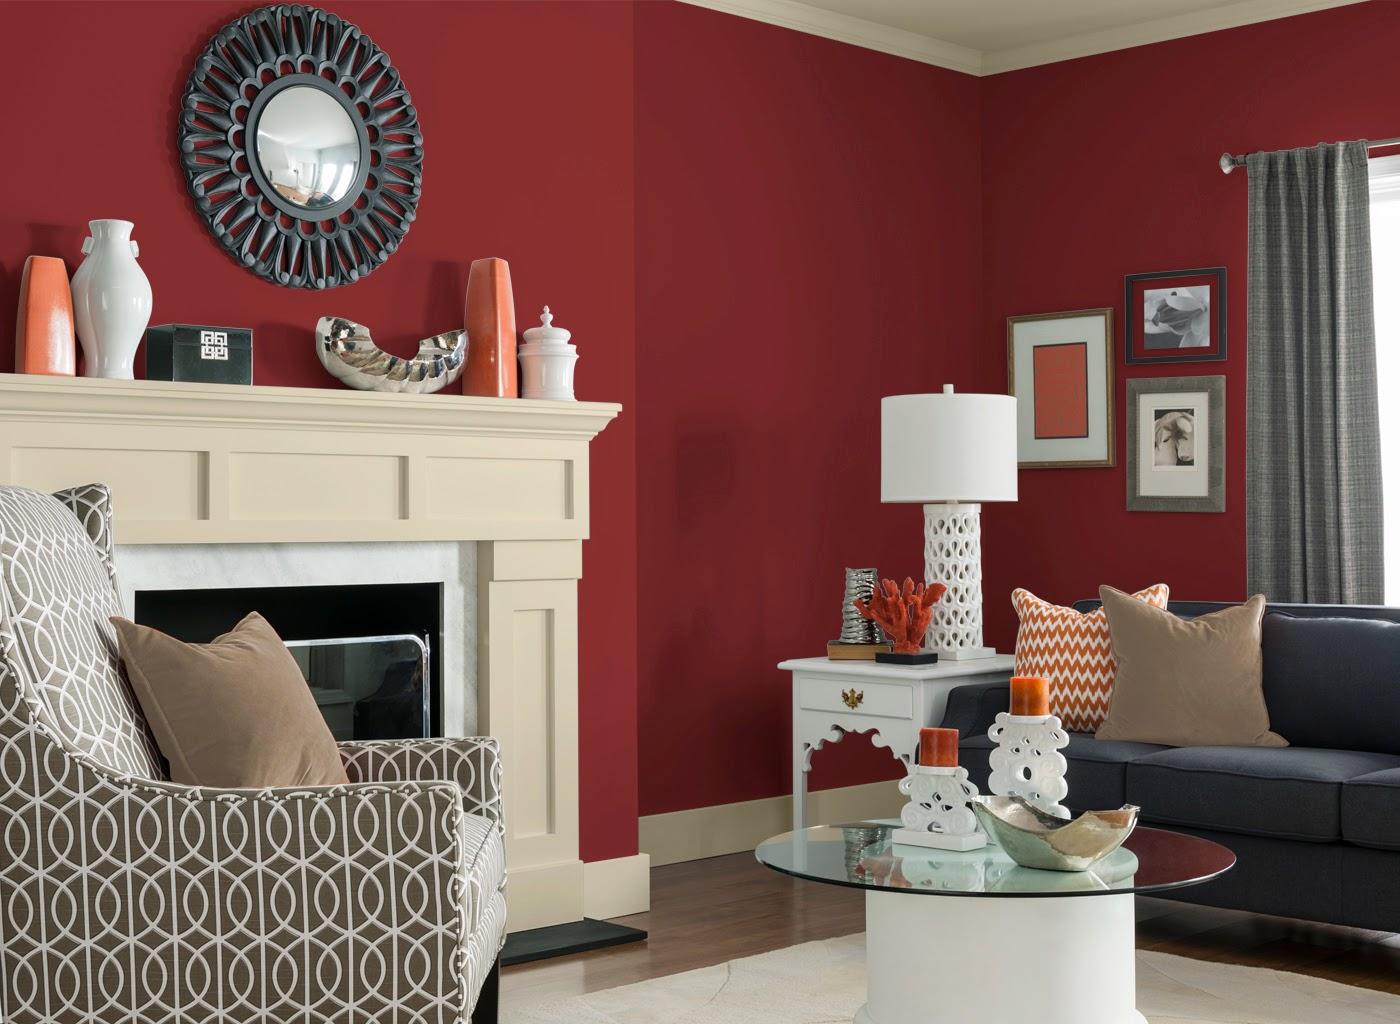 Sensational Use A Room Color Visualizer To Determine Paint Color Ideas Machost Co Dining Chair Design Ideas Machostcouk